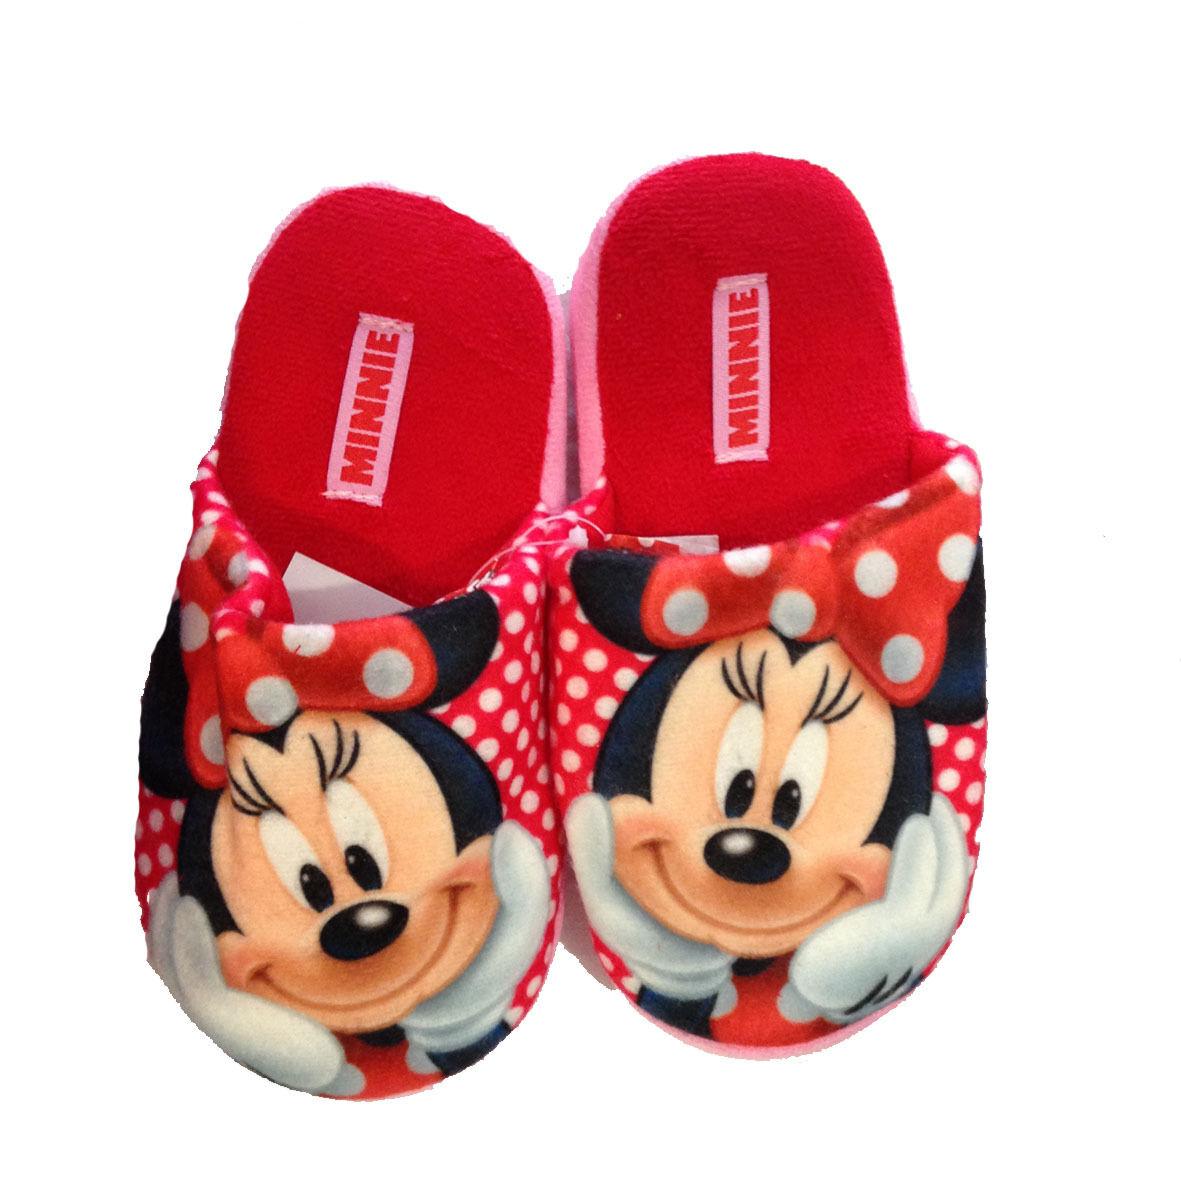 Minnie ciabatte rosse in morbido peluches con pallini antiscivolo varie taglie